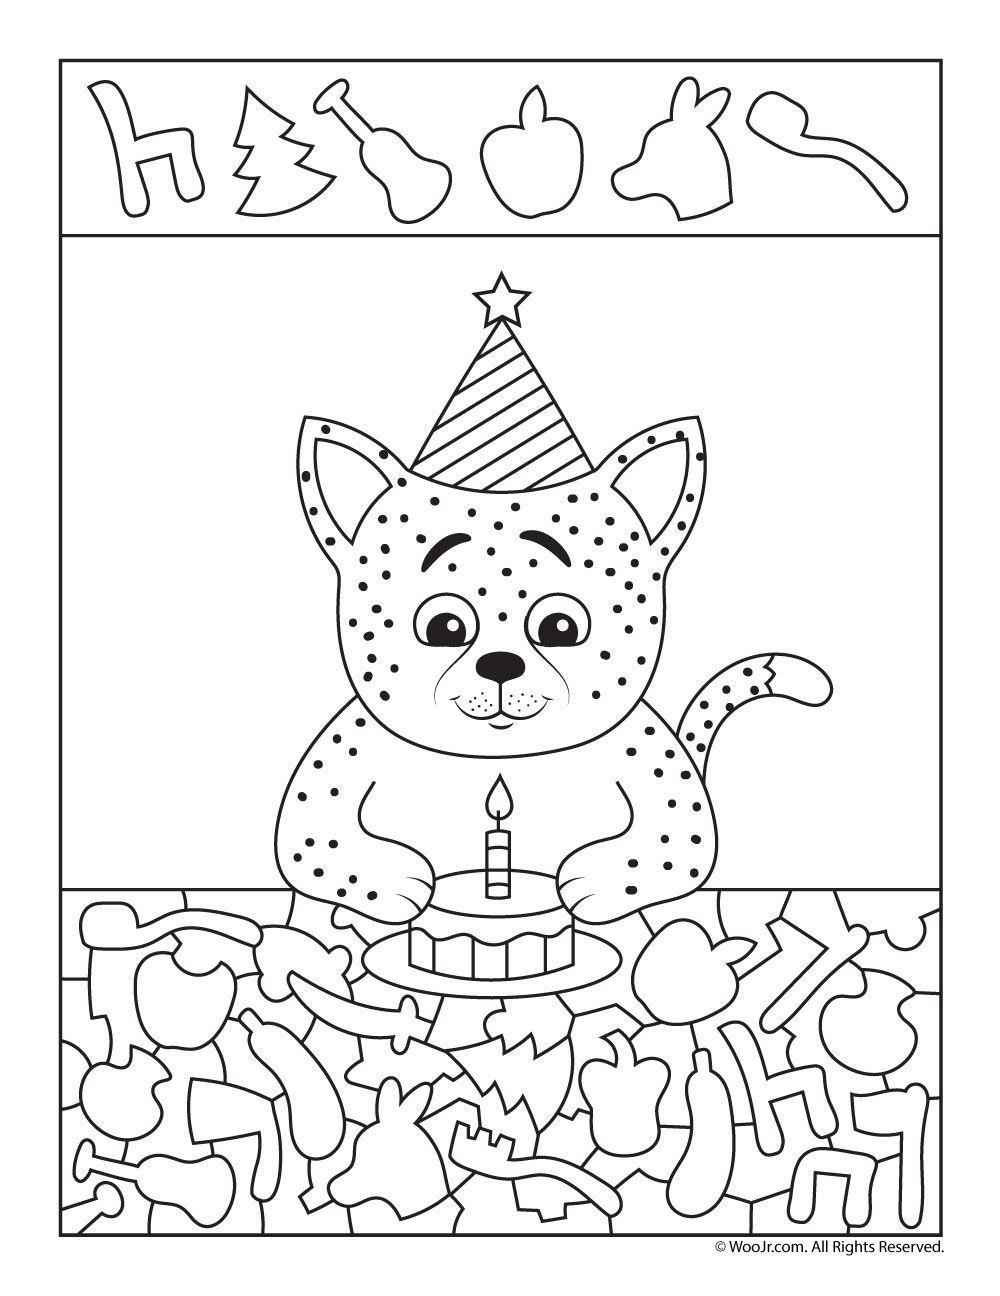 Birthday Cat I Spy Worksheet Woo Jr Kids Activities Hidden Pictures Hidden Picture Puzzles Activities For Kids